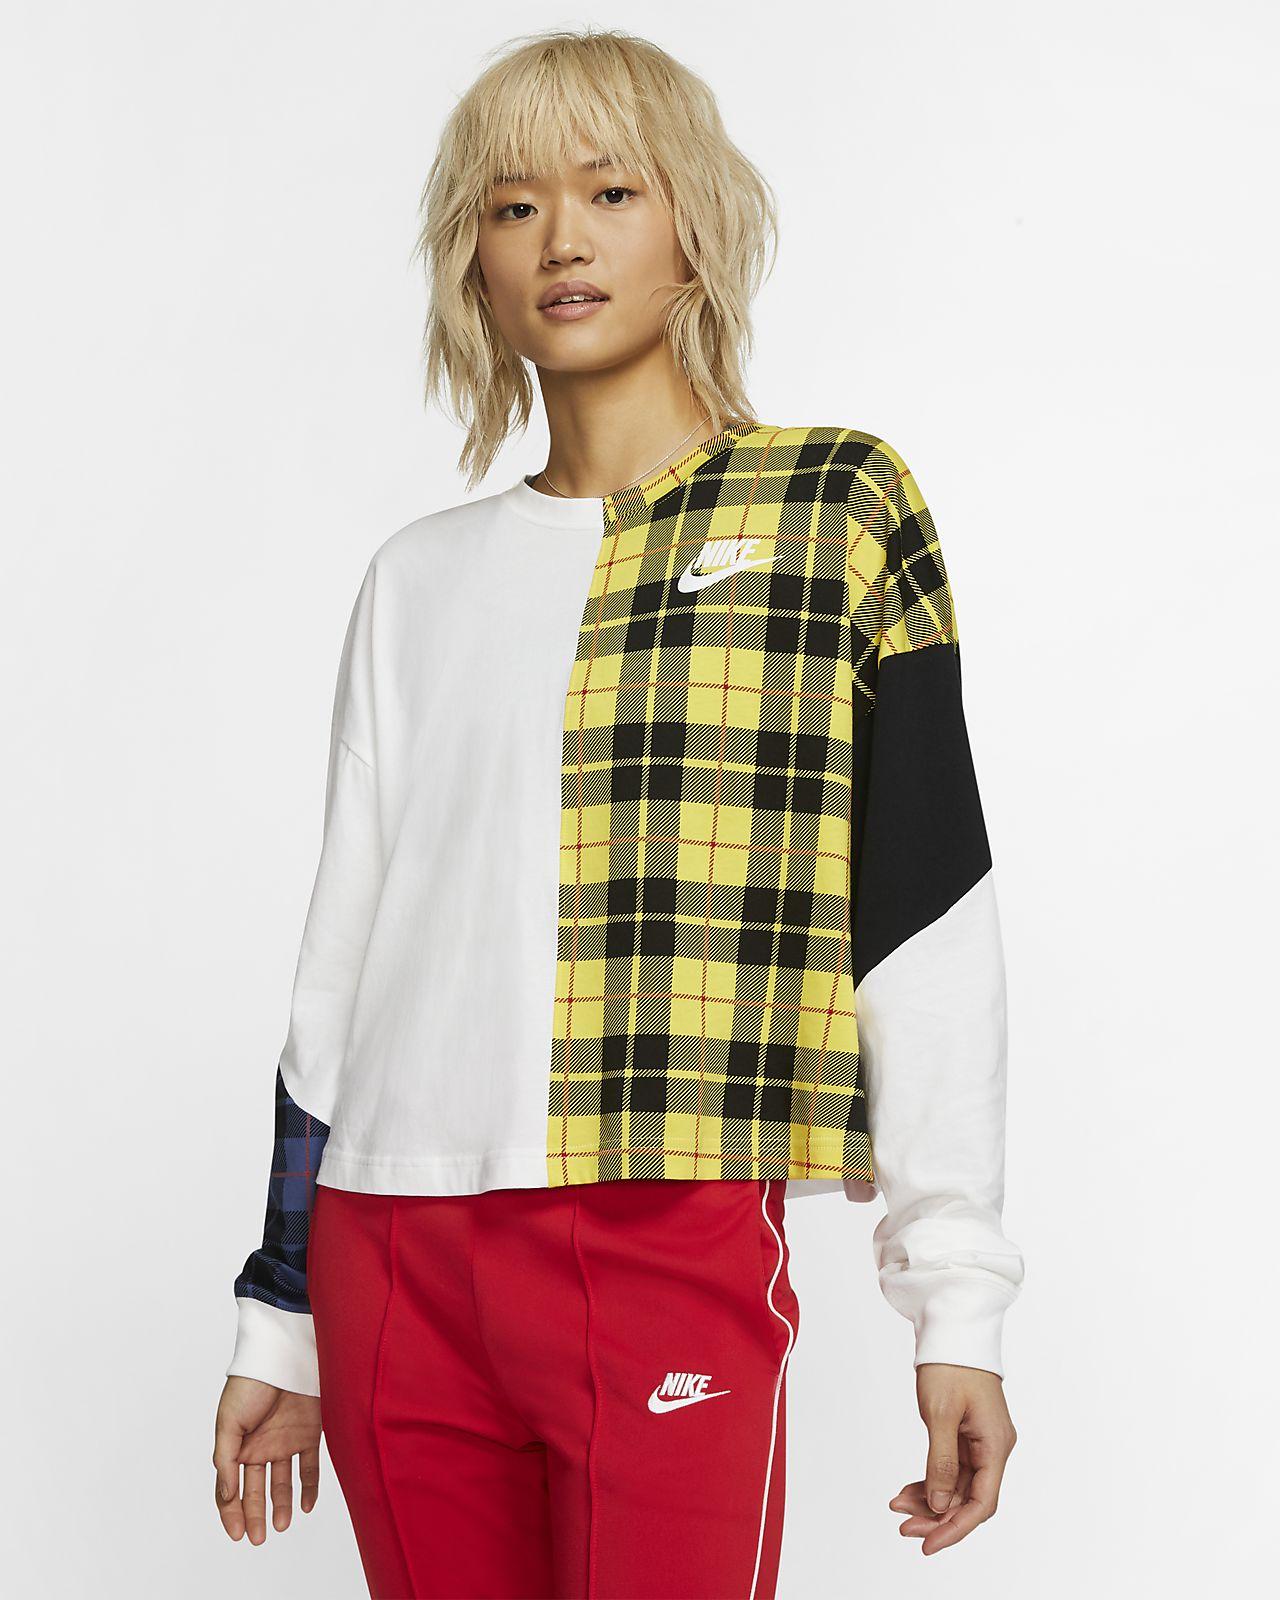 6984e67e6 Nike Sportswear NSW Camiseta de malla de manga larga con estampado de  cuadros - Mujer